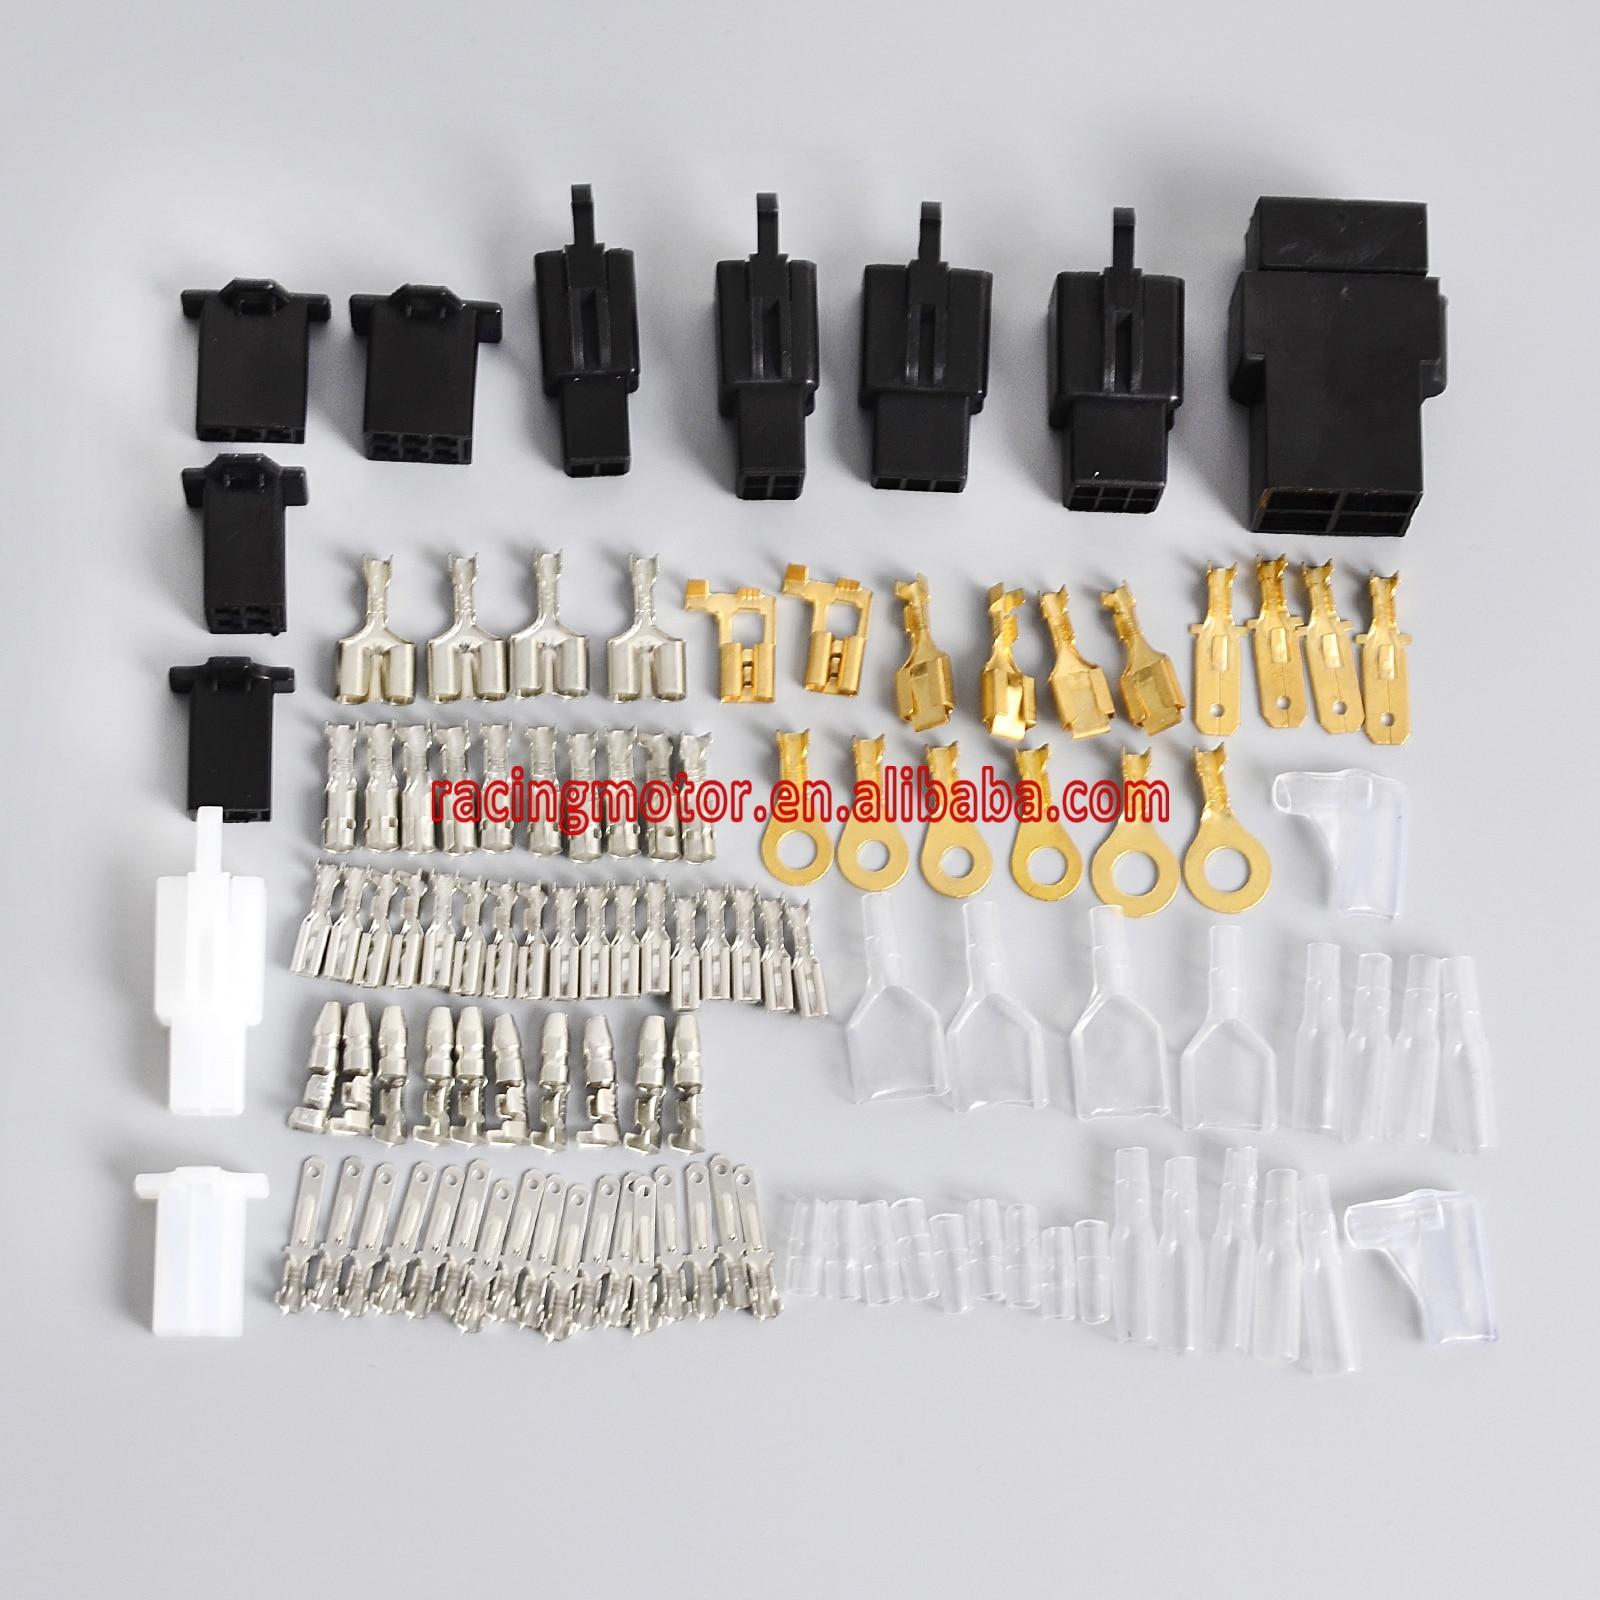 Motorcycle Electrical Wiring Harness Loom Repair Kit Plugs